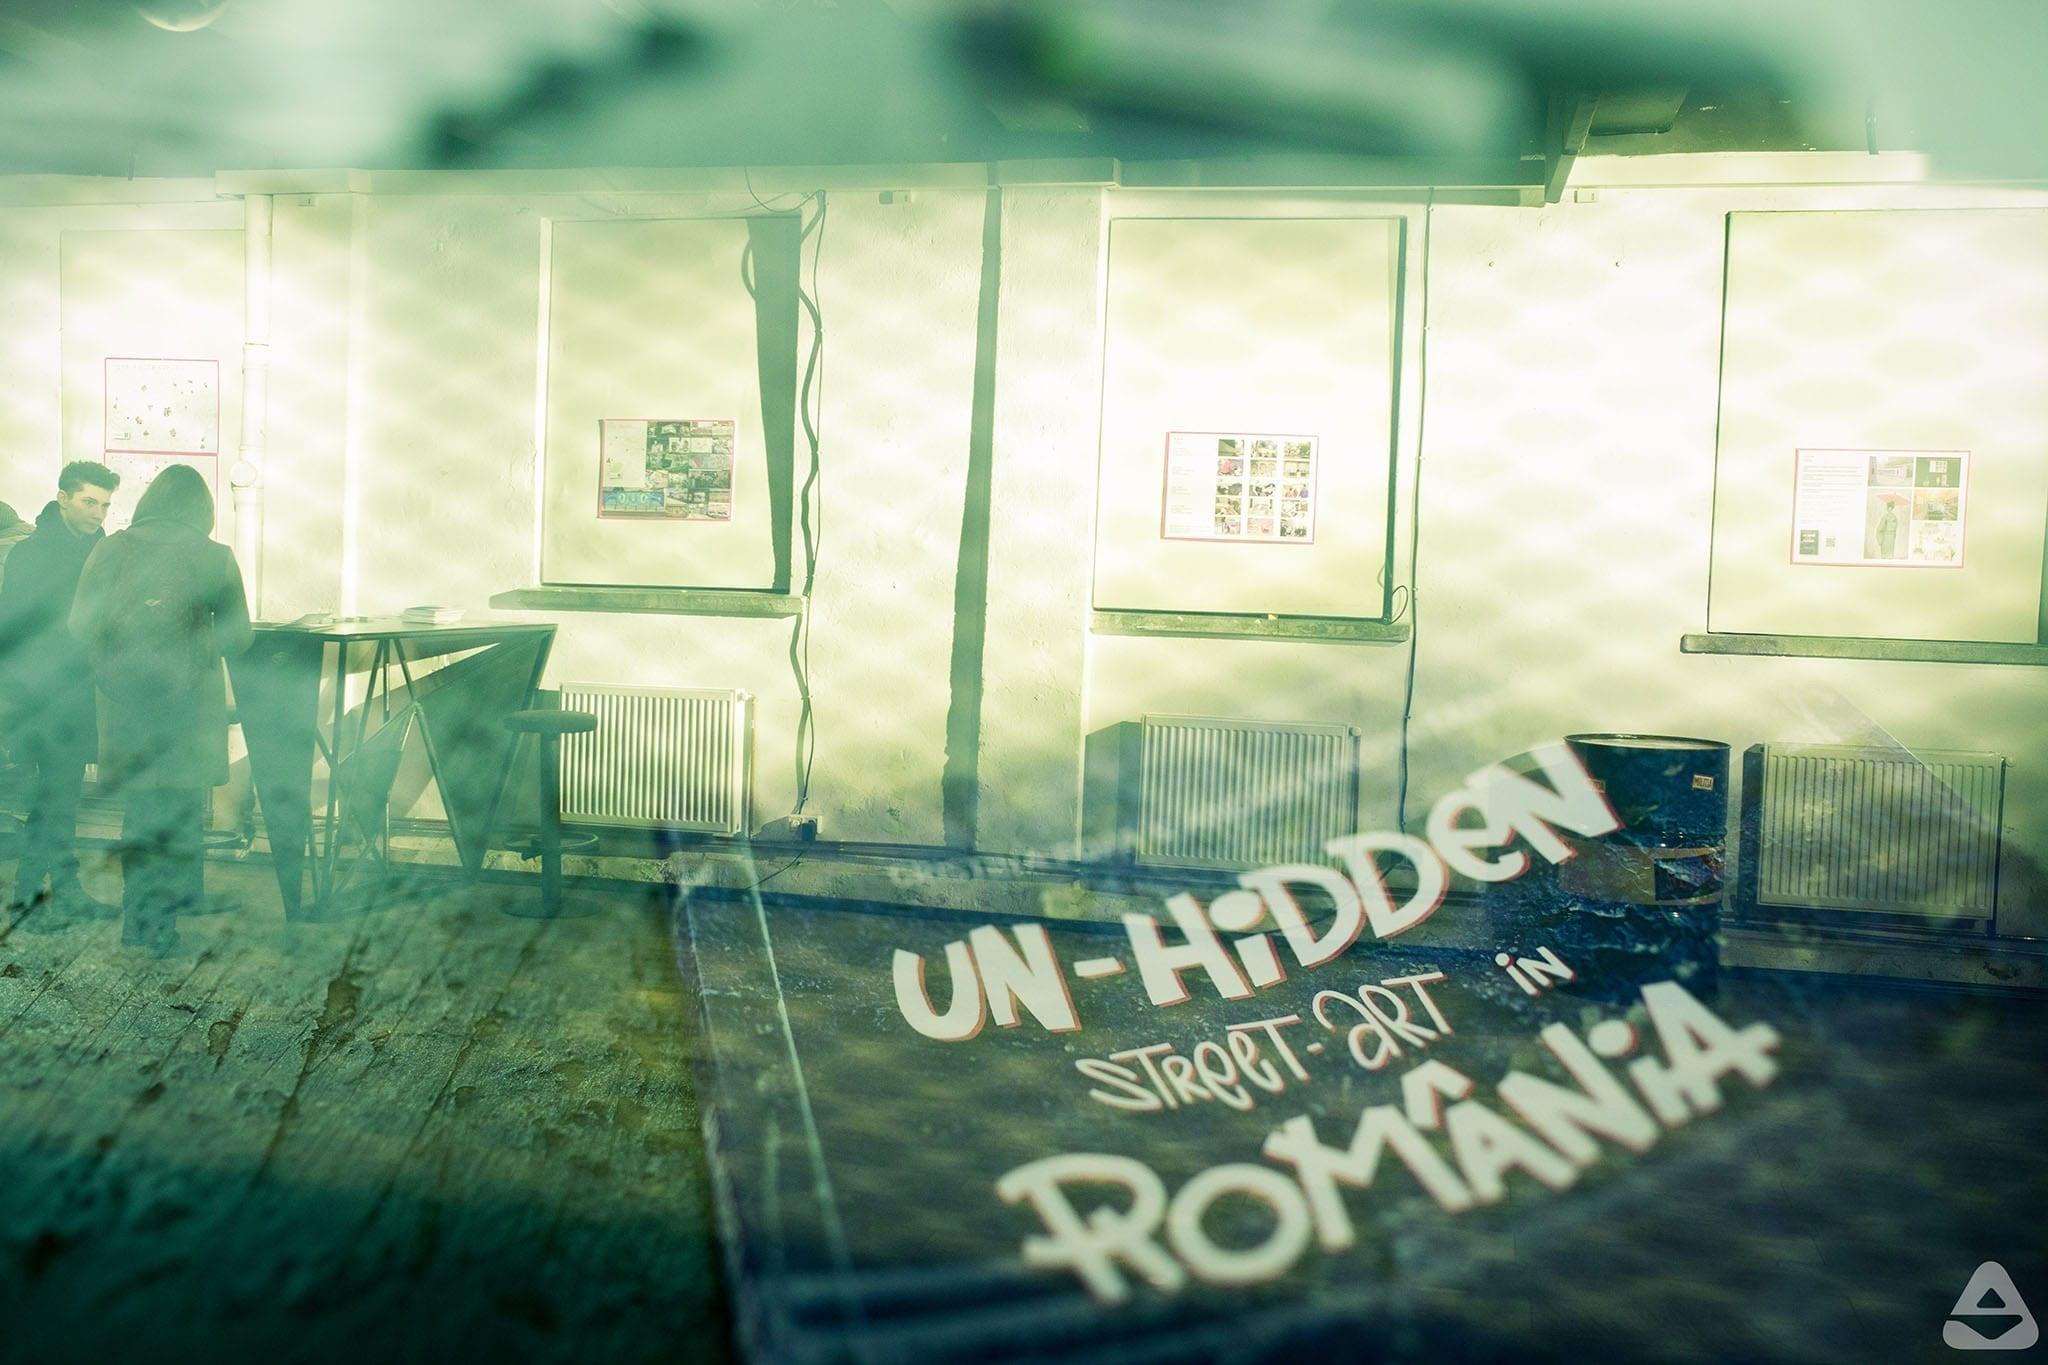 imagini de la evenimenteleUn-hidden Romanian Culture, organizate cu ocazia Zilei Culturii Naționale / expoziție Visssual, Brașov